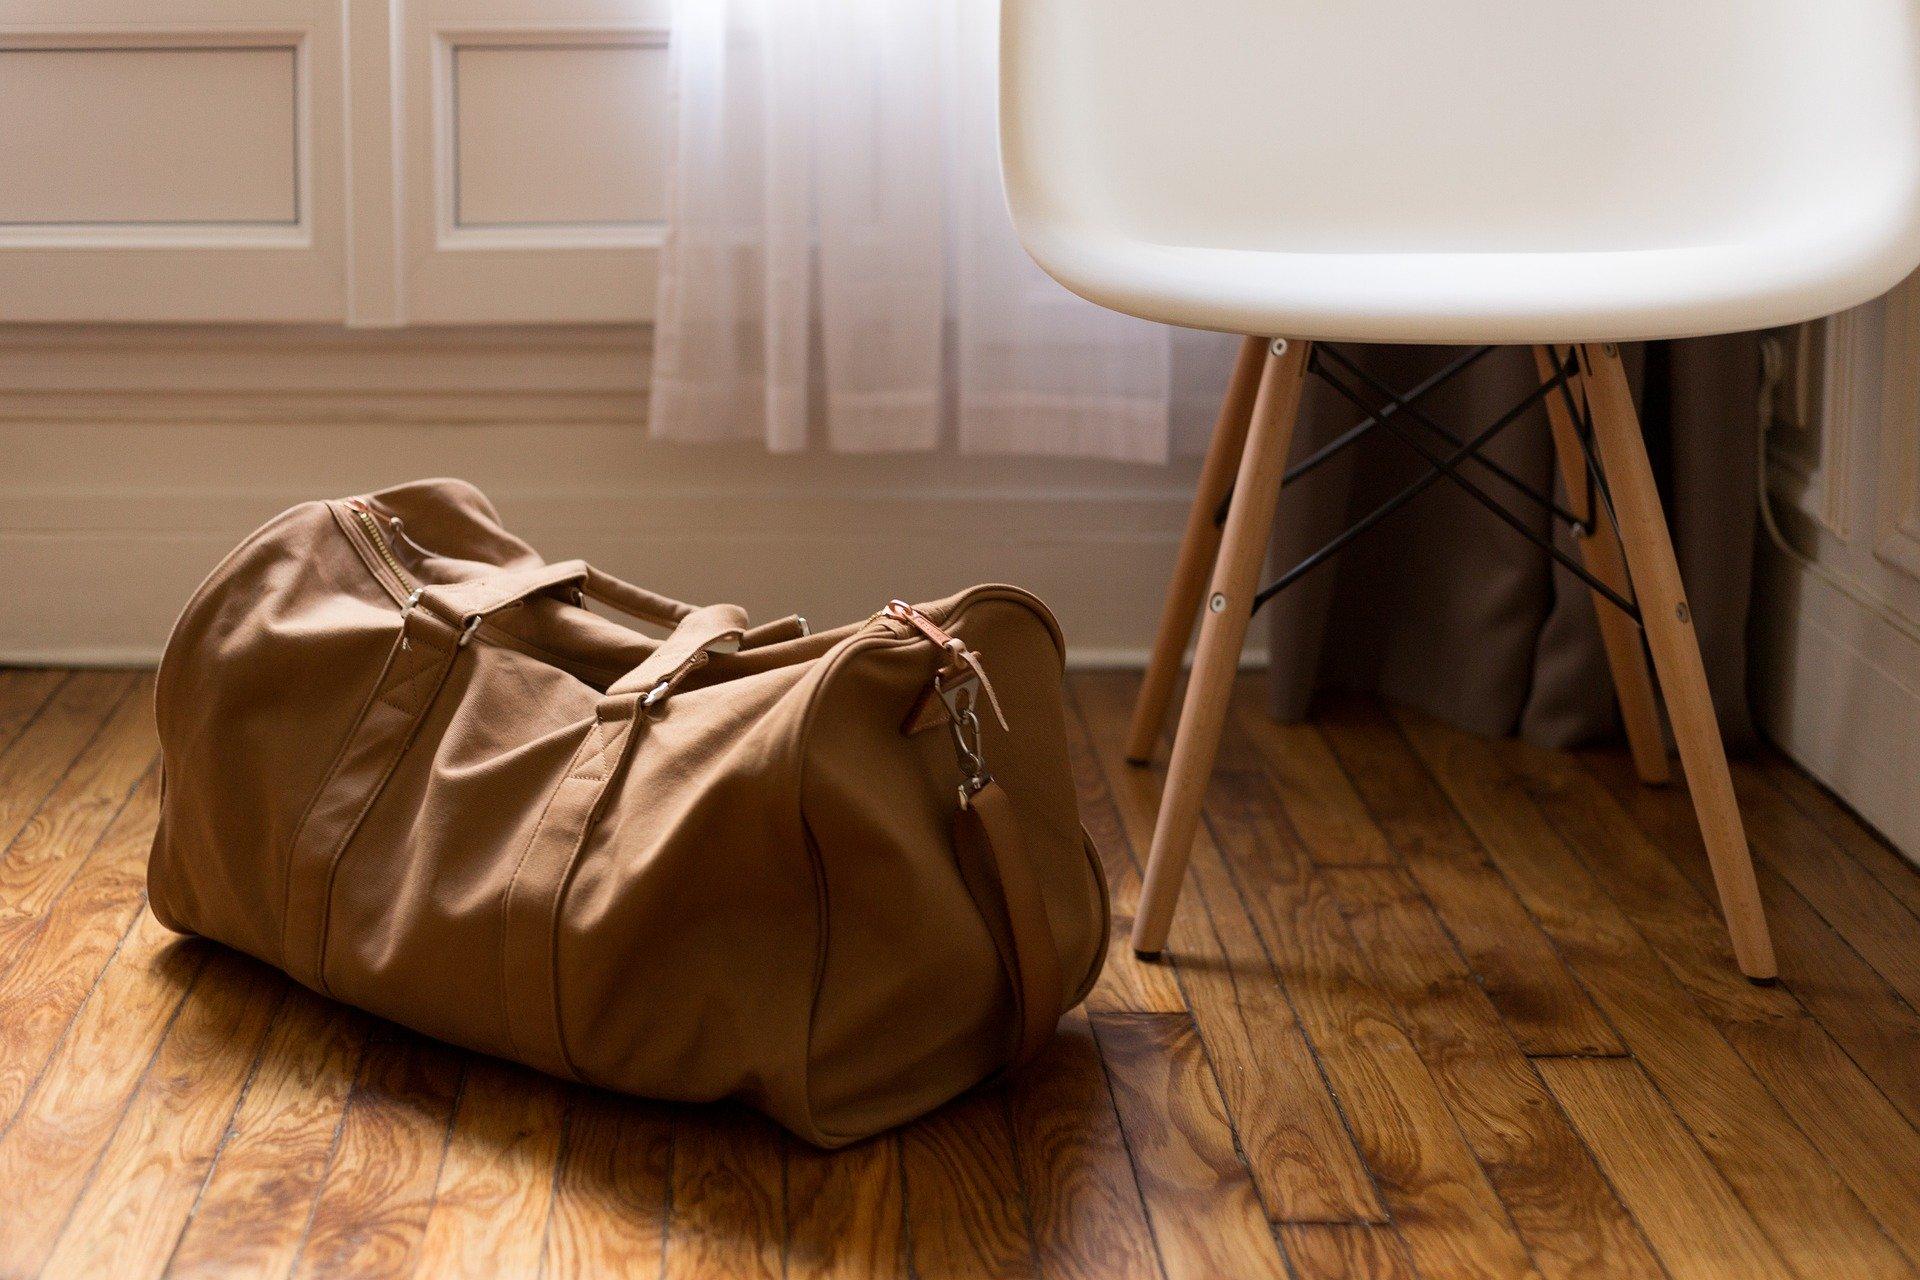 quina roba portar a una residencia de gent gran